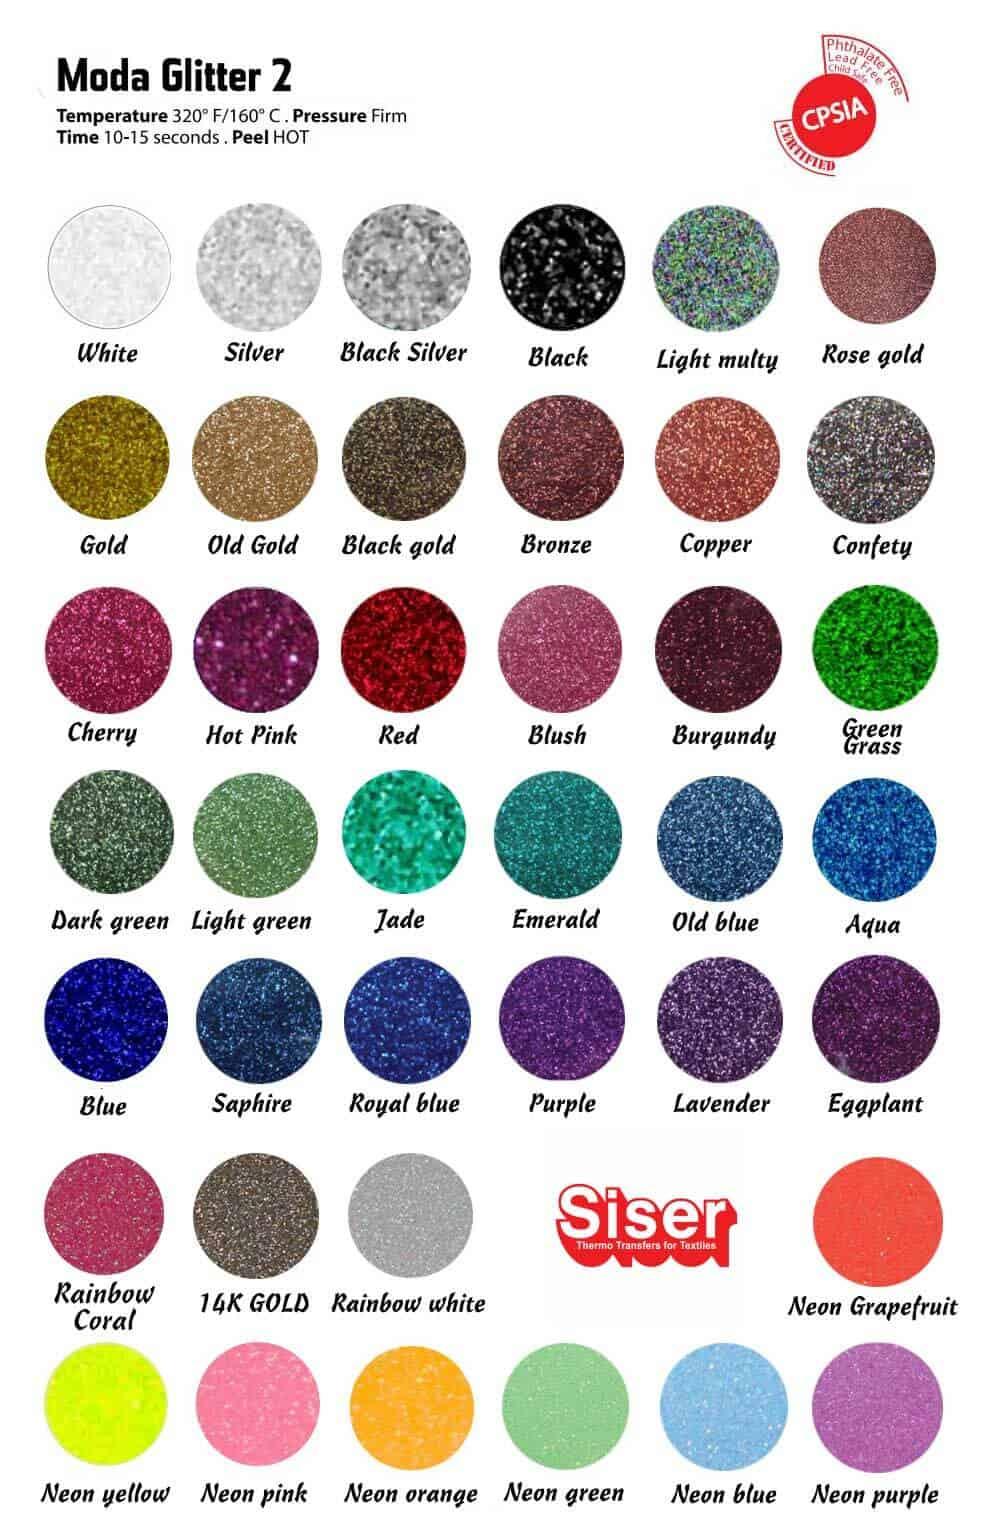 Siser Glitter Color Chart 2019